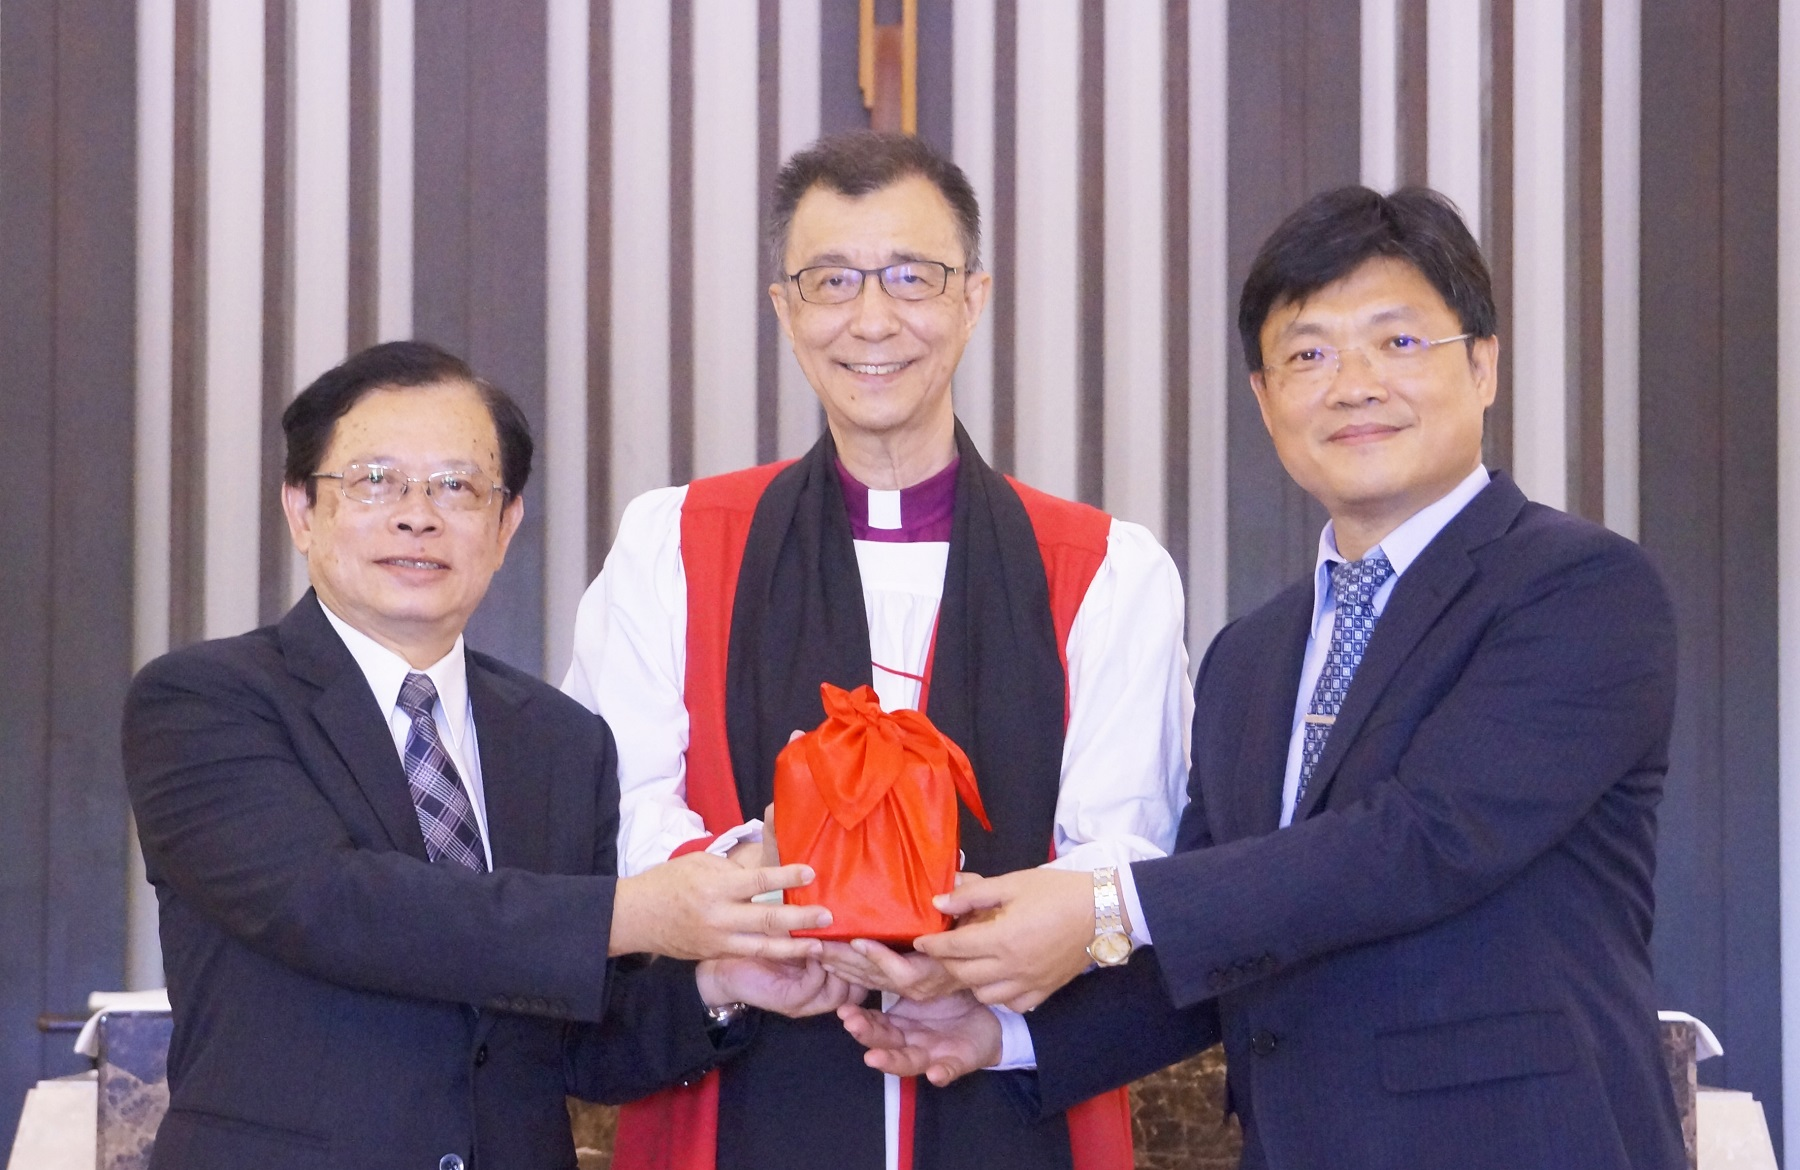 臺大教授黃宏斌接掌聖約翰科大校長 帶領團隊打拼光輝未來-校長交接典禮